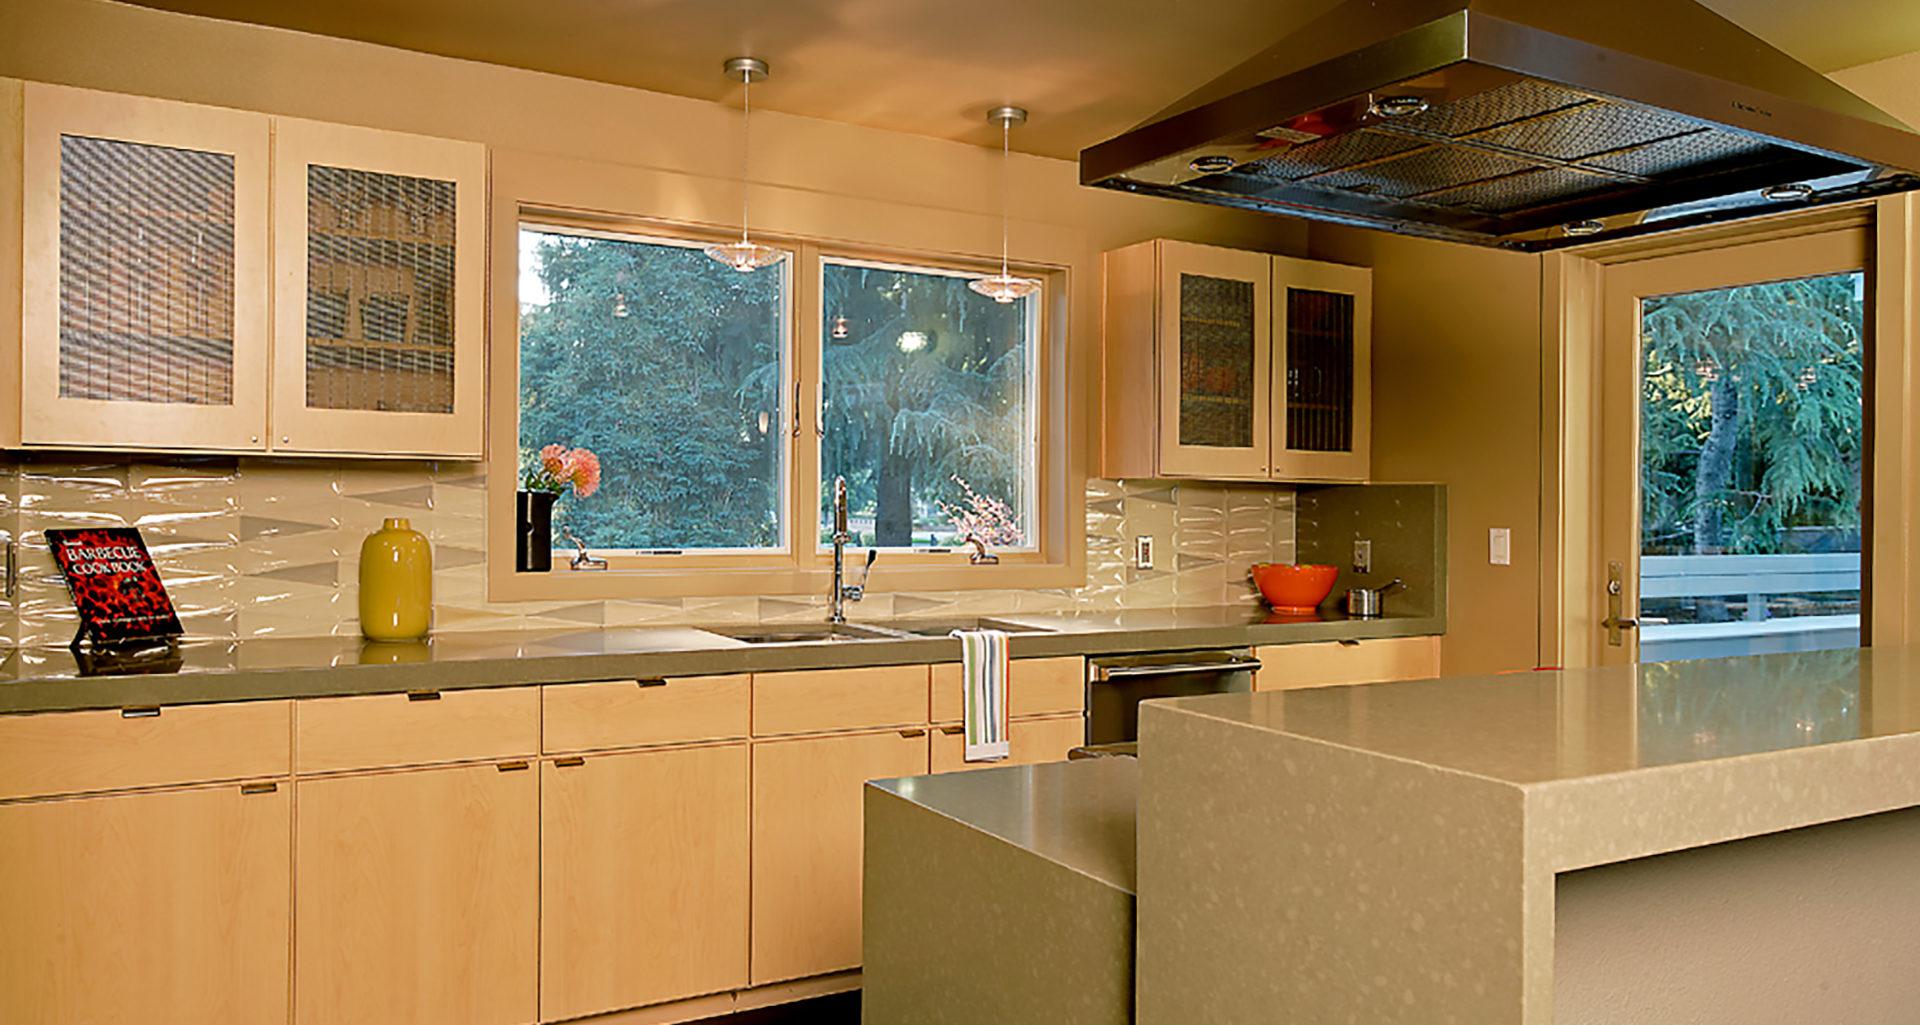 sunset-kitchen-wide